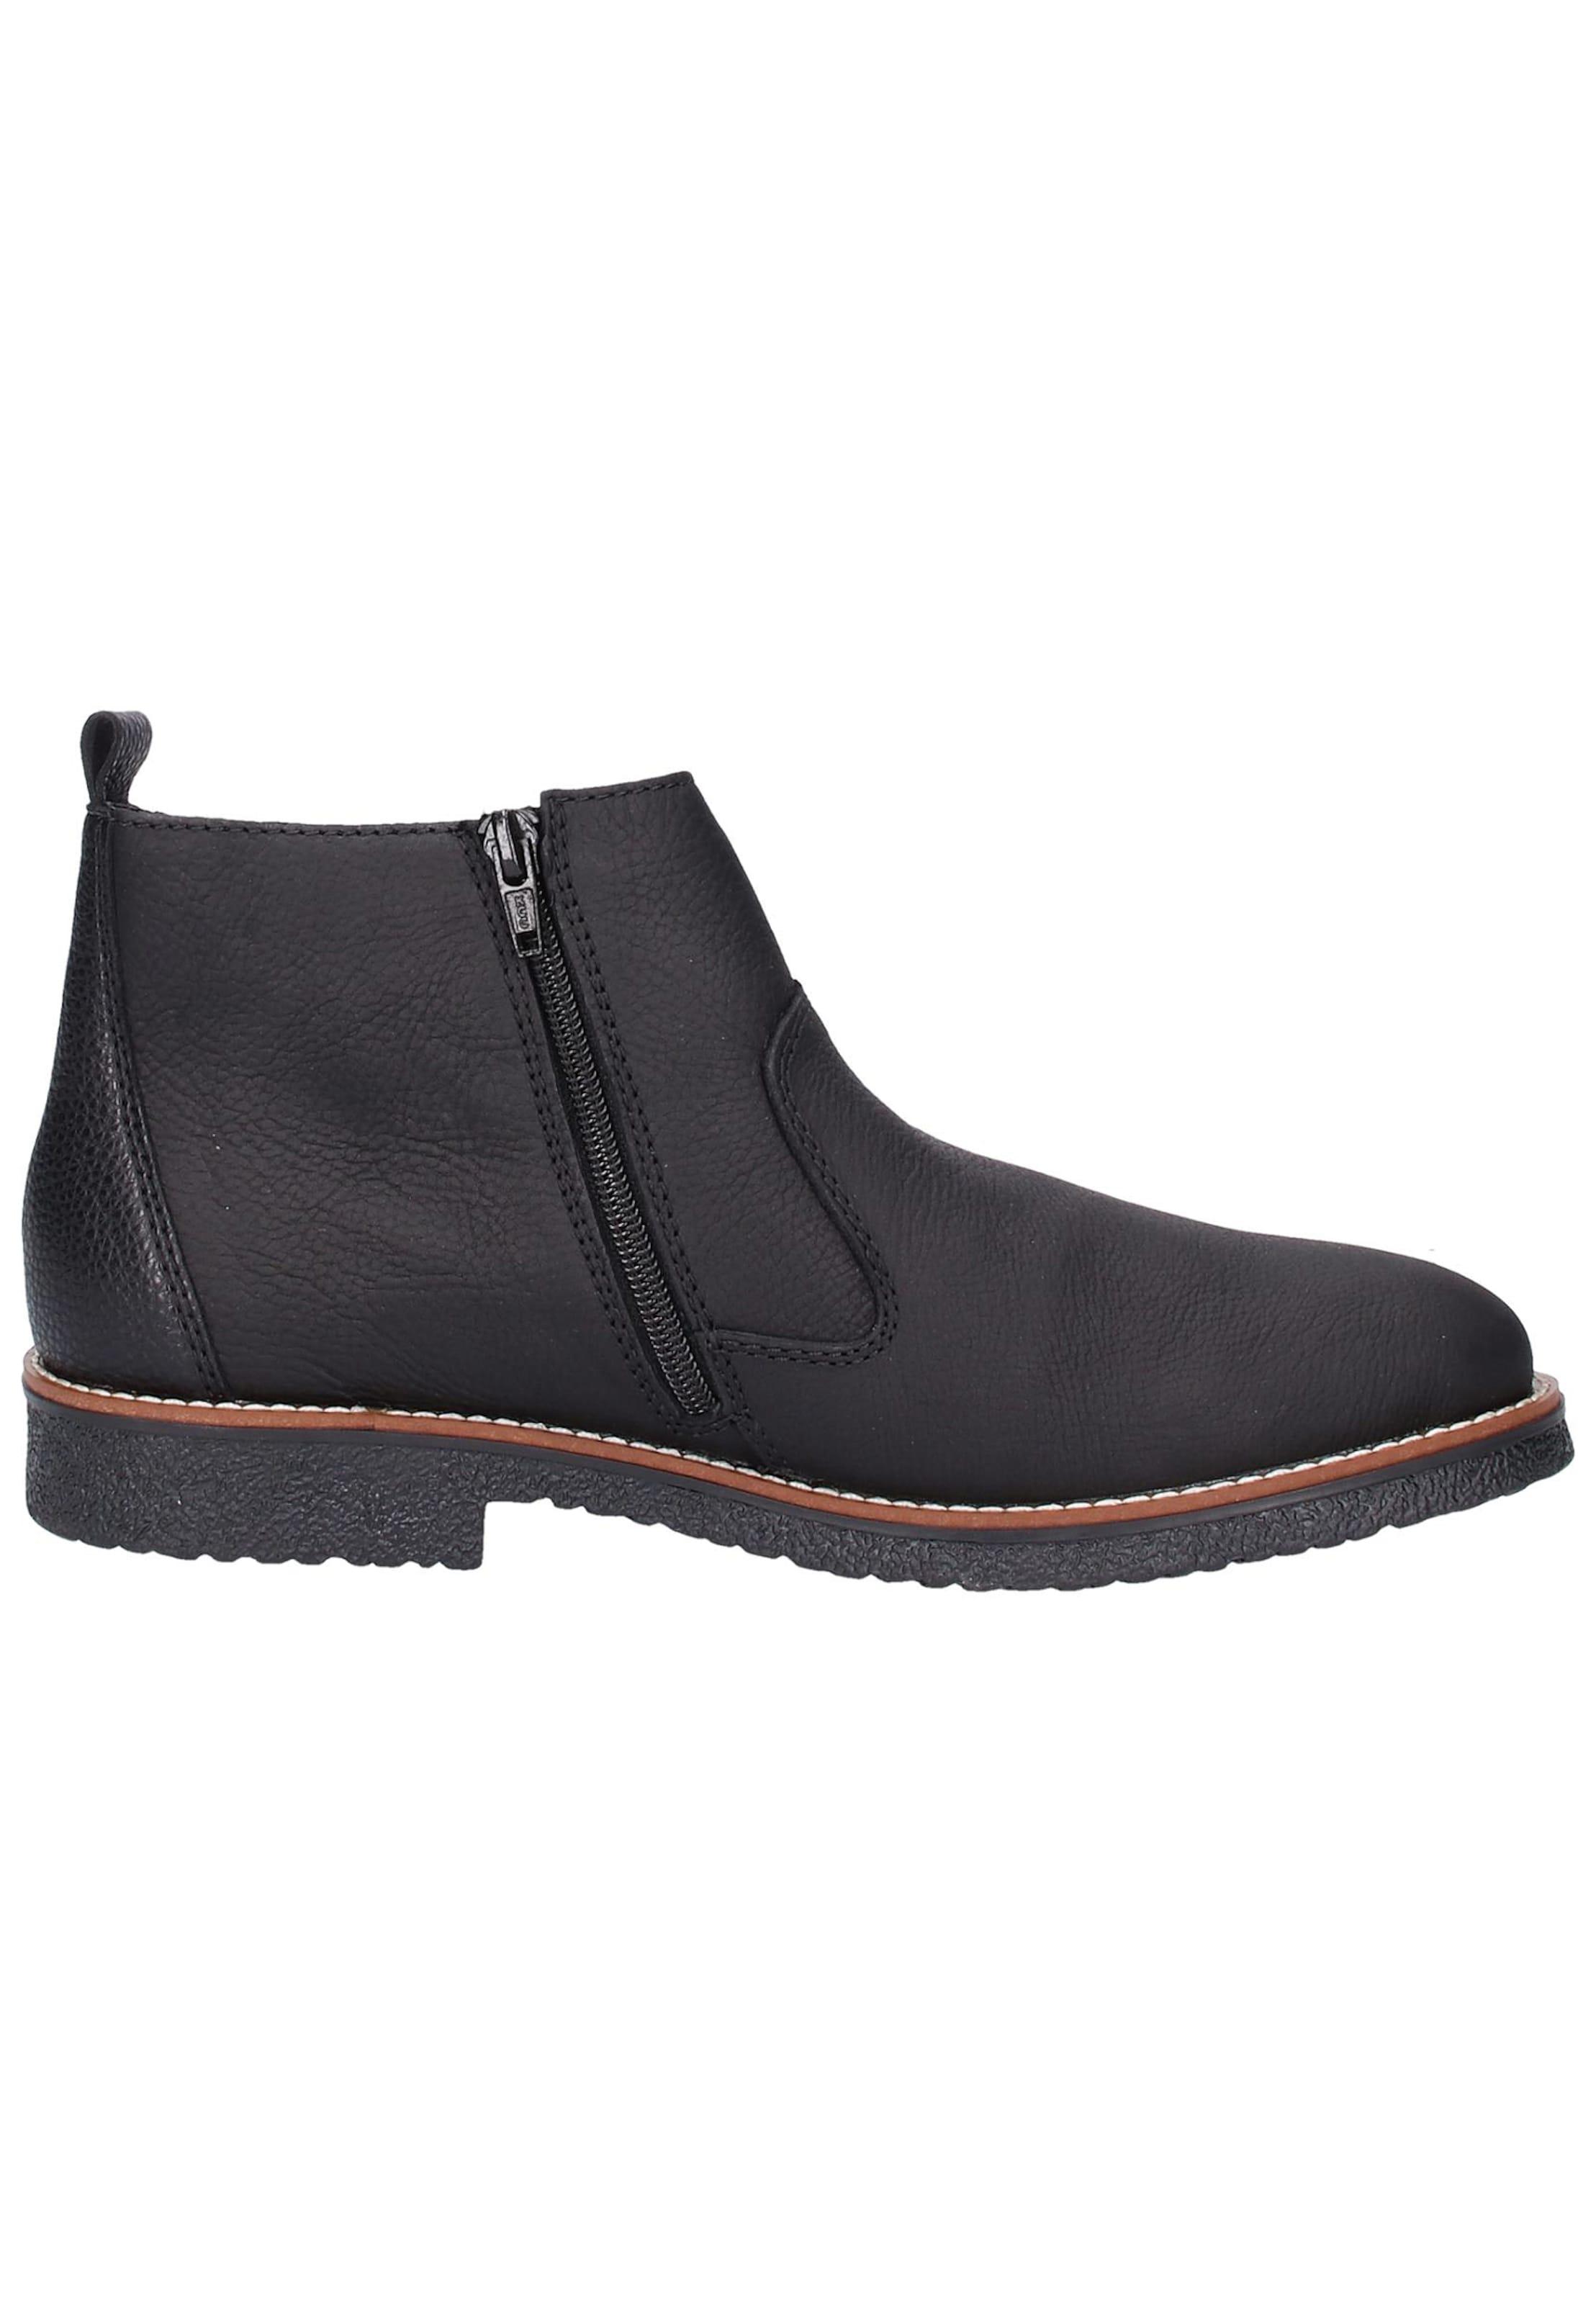 In Chelsea In Chelsea Rieker Schwarz Rieker boots boots vNO0wPyn8m